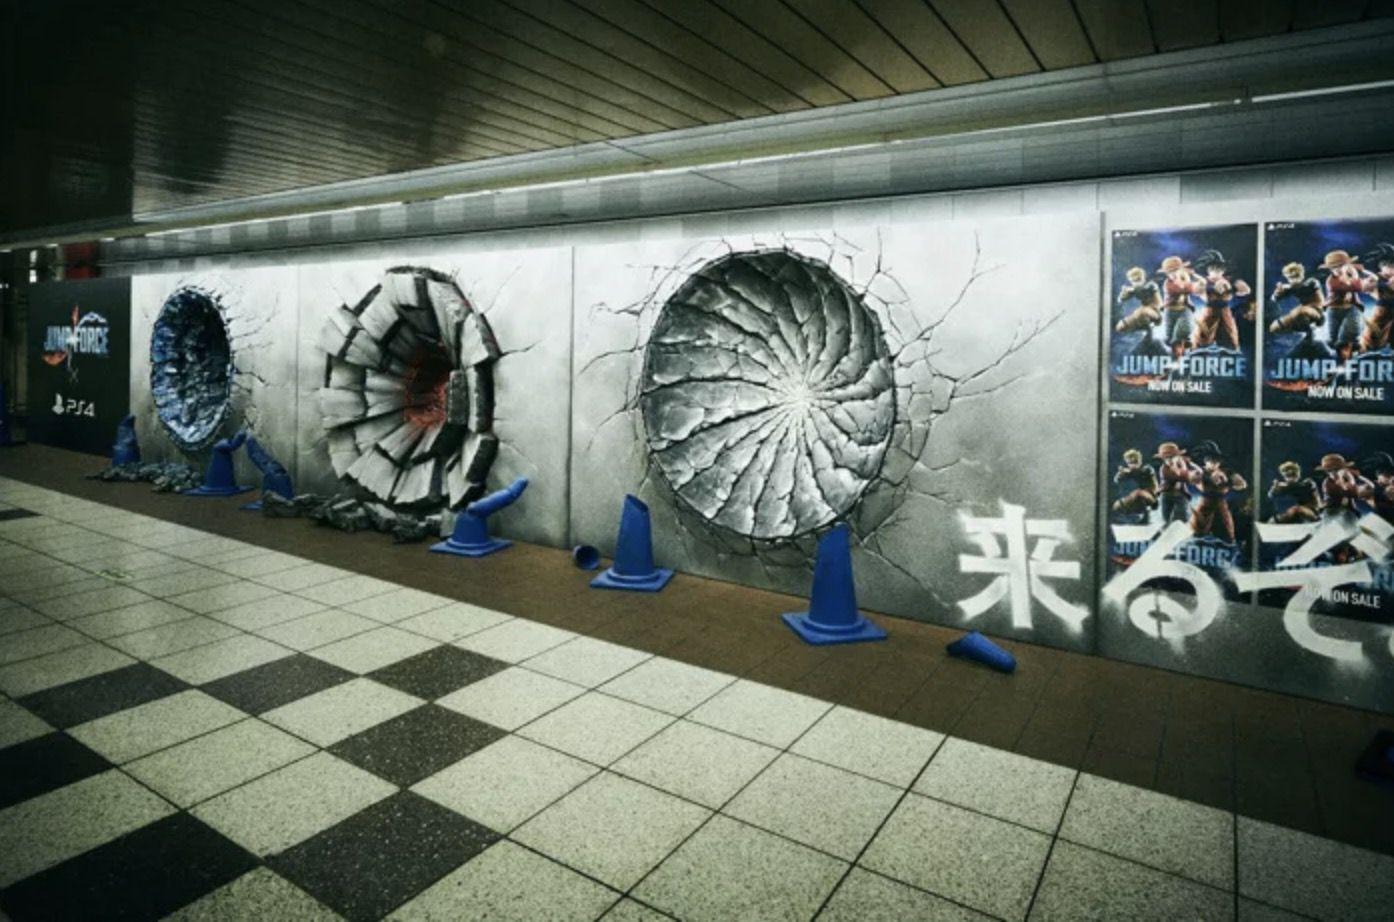 I pugni di Goku, Rufy e Naruto nella metropolitana di Shinjuku per pubblicizzare Jump Force